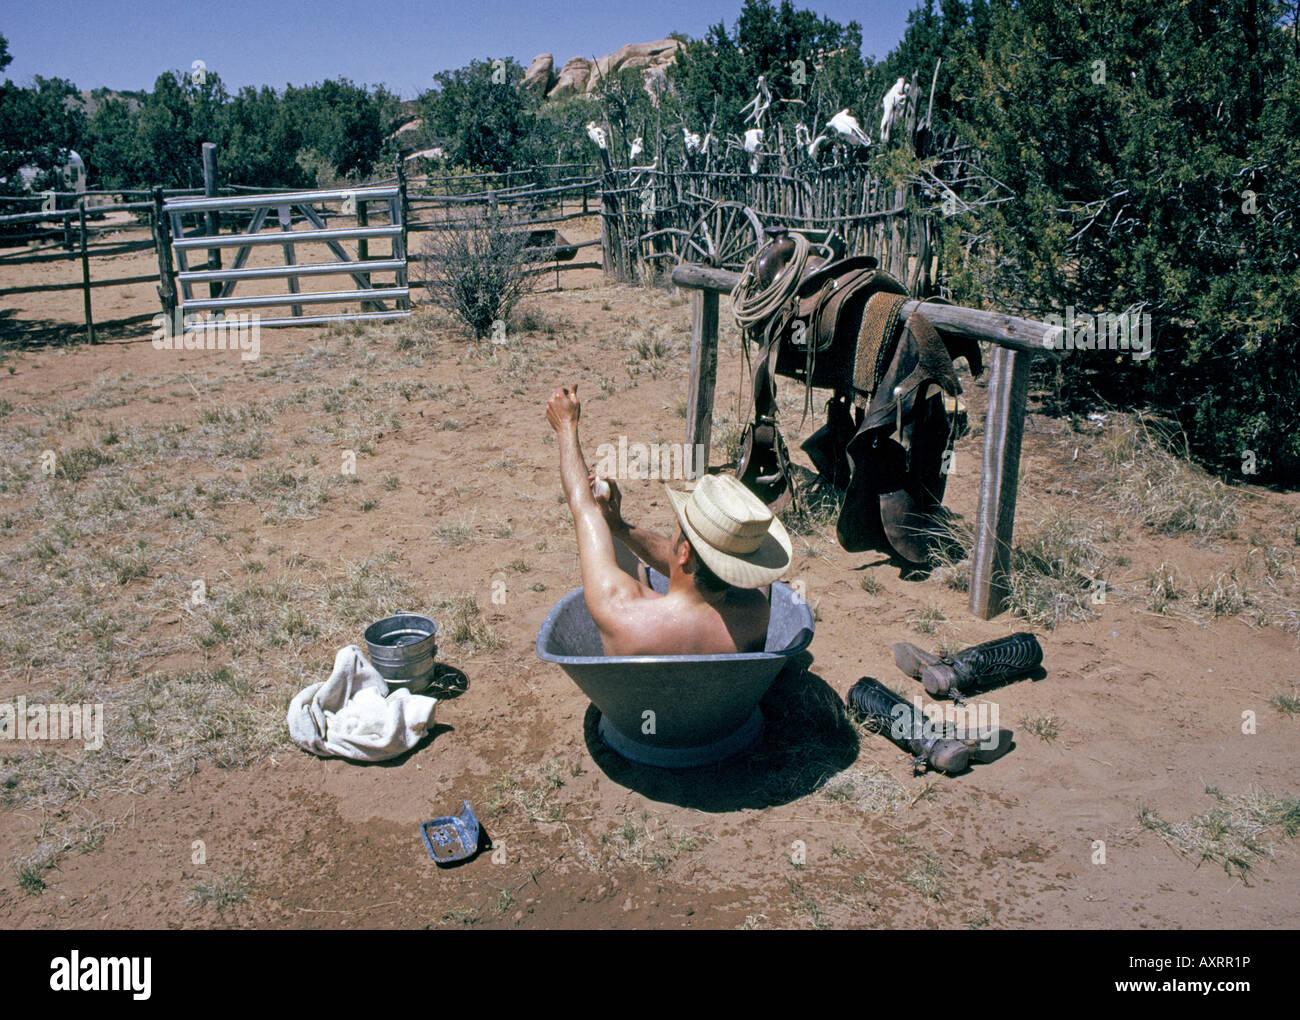 [Jeu] Suite d'images !  - Page 13 Un-cowboy-et-historien-marc-simmons-prend-un-bain-dans-une-baignoire-en-metal-sur-son-petit-ranch-dans-le-bassin-galisteo-axrr1p